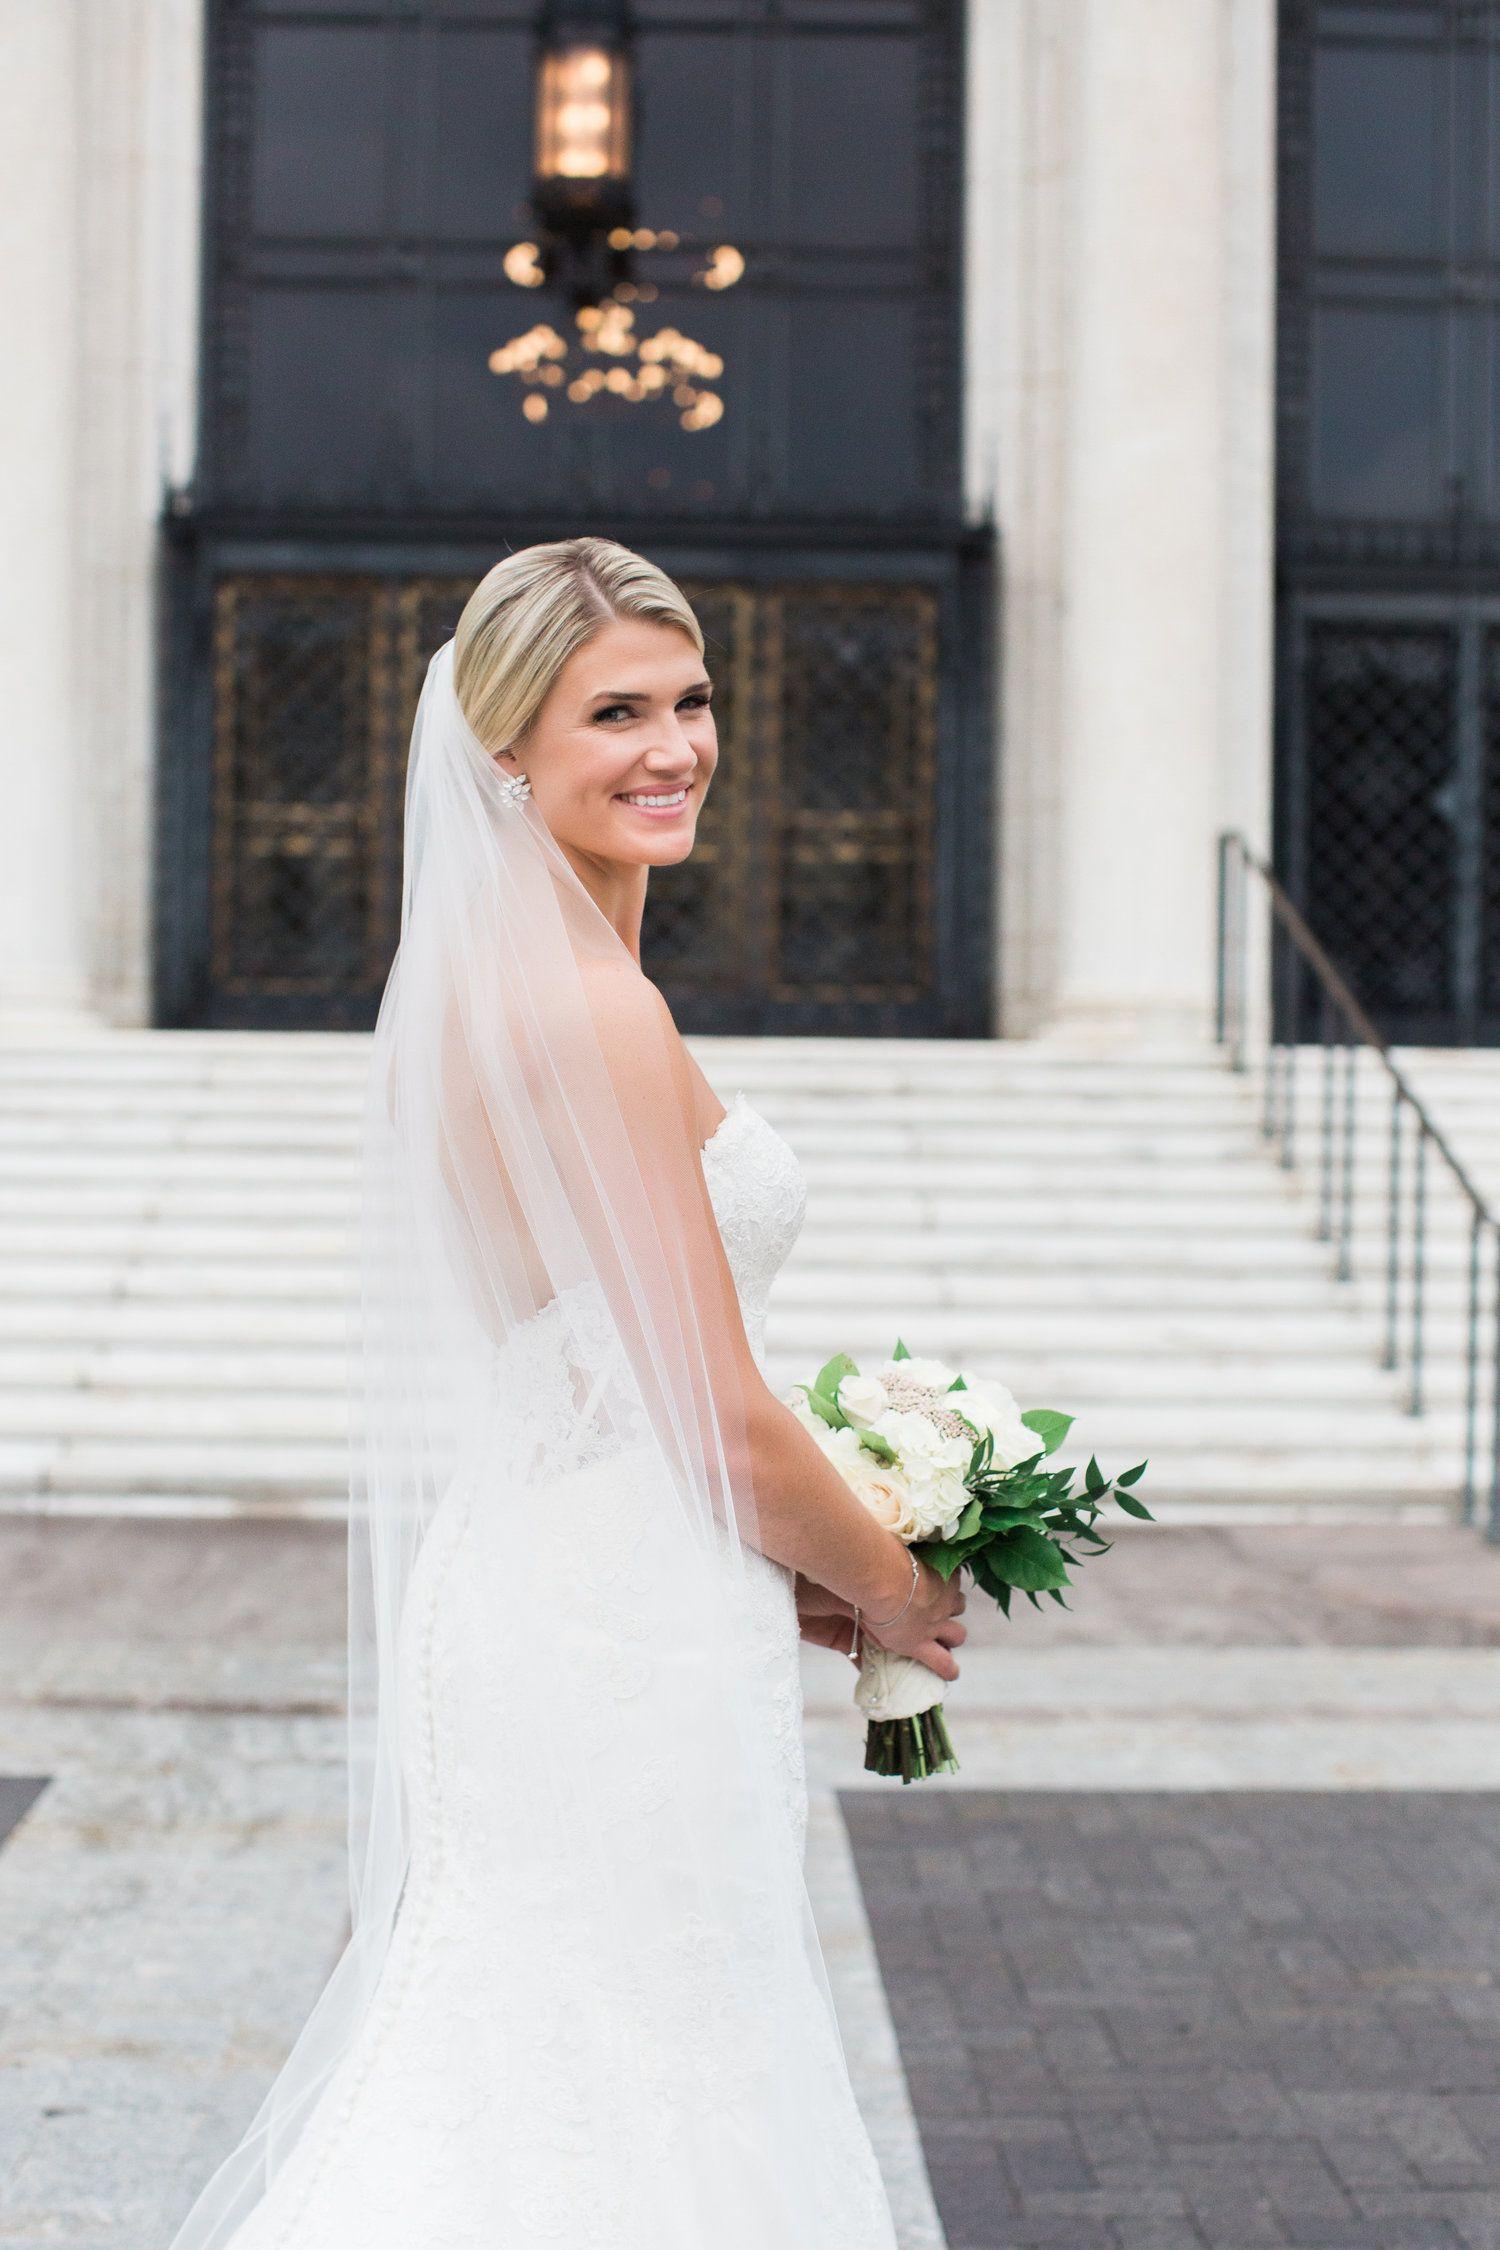 Bridal Bun I Hairdreams Extensions I Quikkies Application Brides